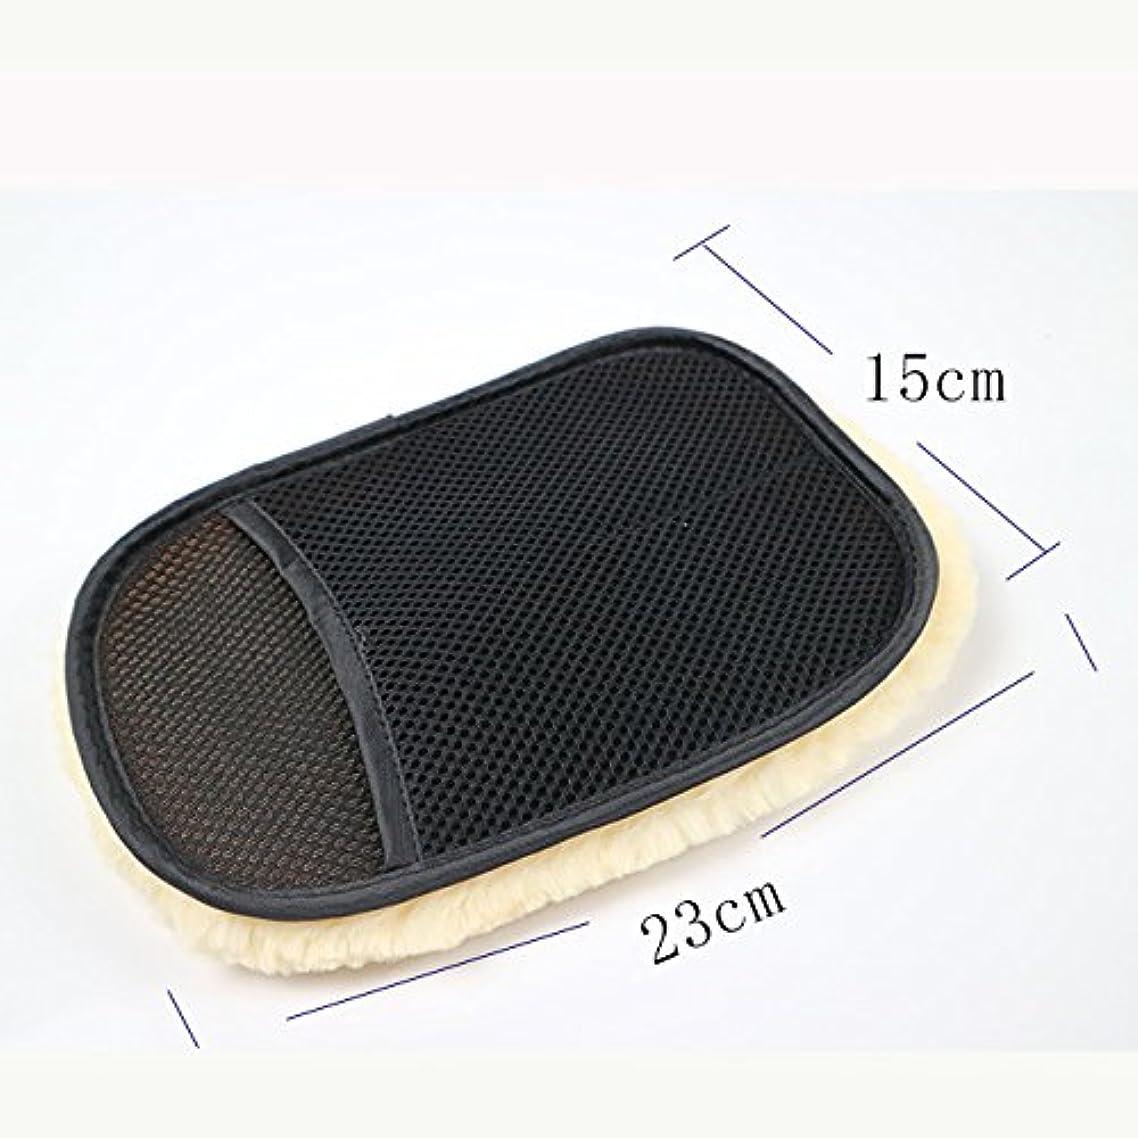 アスレチック配管リラックスBTXXYJP カースタイリングウール 洗濯手袋 クリーニング ブラシ オートバイ ウォッシャーケア 5ペア (Color : Black, UnitCount : 5 pair)